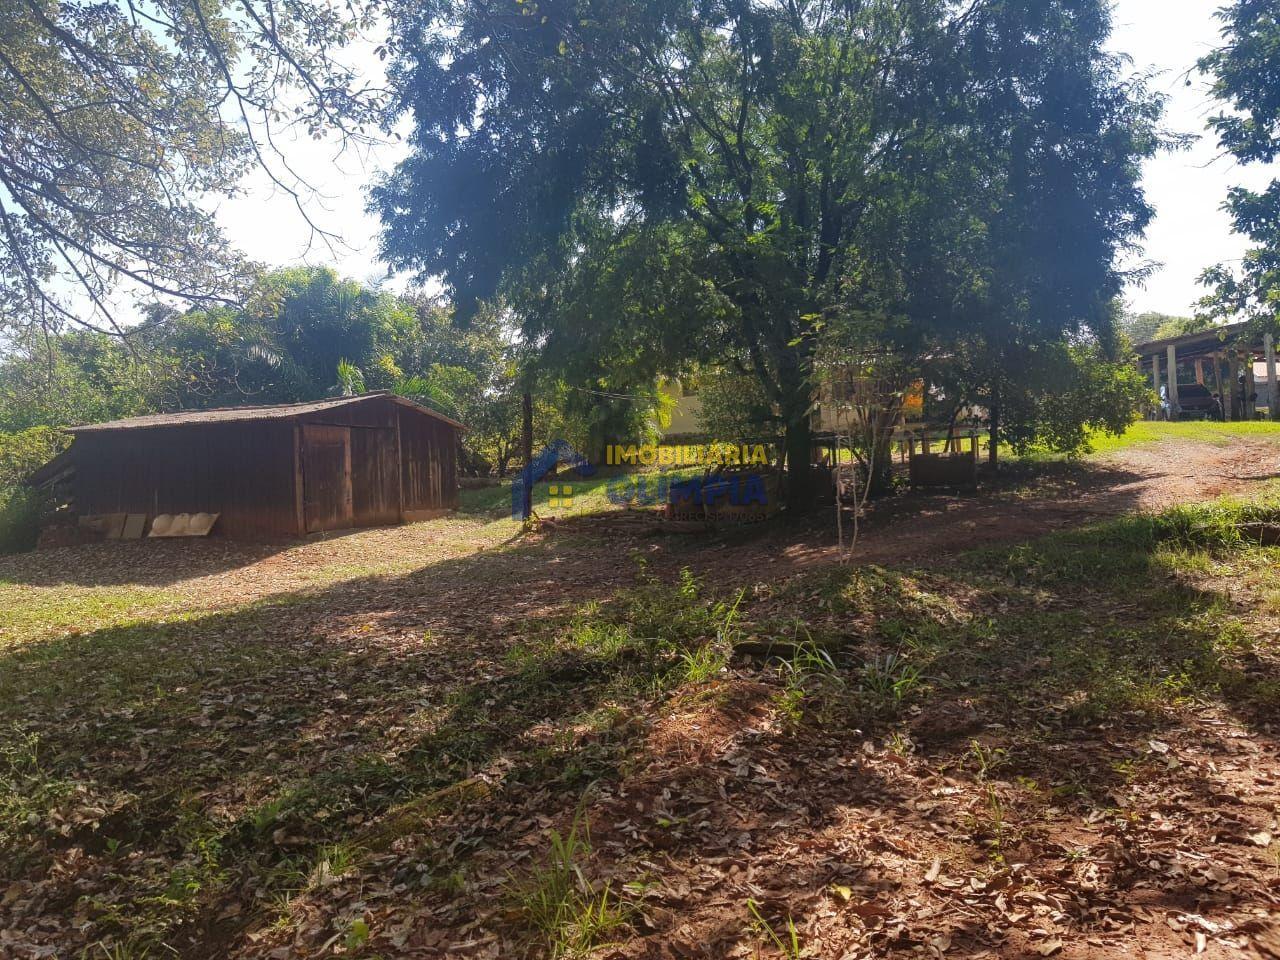 Fazenda/sítio/chácara/haras com 3 Dormitórios à venda, 500 m² por R$ 299.000,00